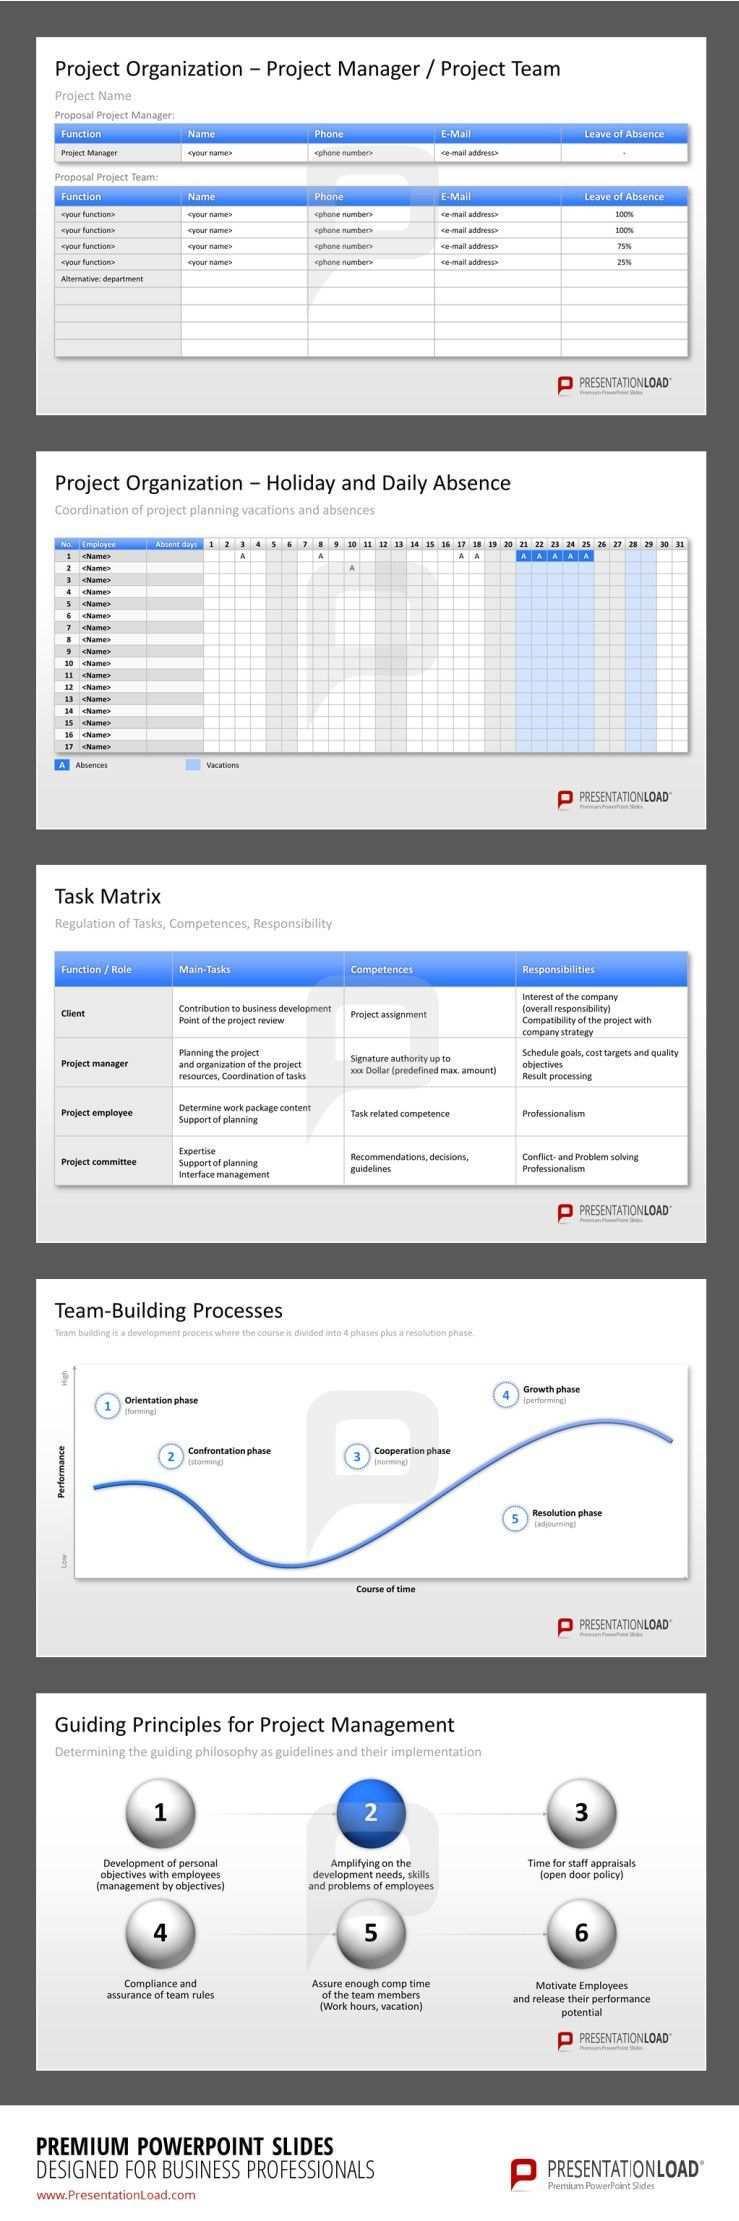 Projektmanagement Powerpoint Vorlage Http Www Presentationload De Business Powerpoint Projek Projektmanagement Projektmanagement Vorlagen Powerpoint Vorlagen